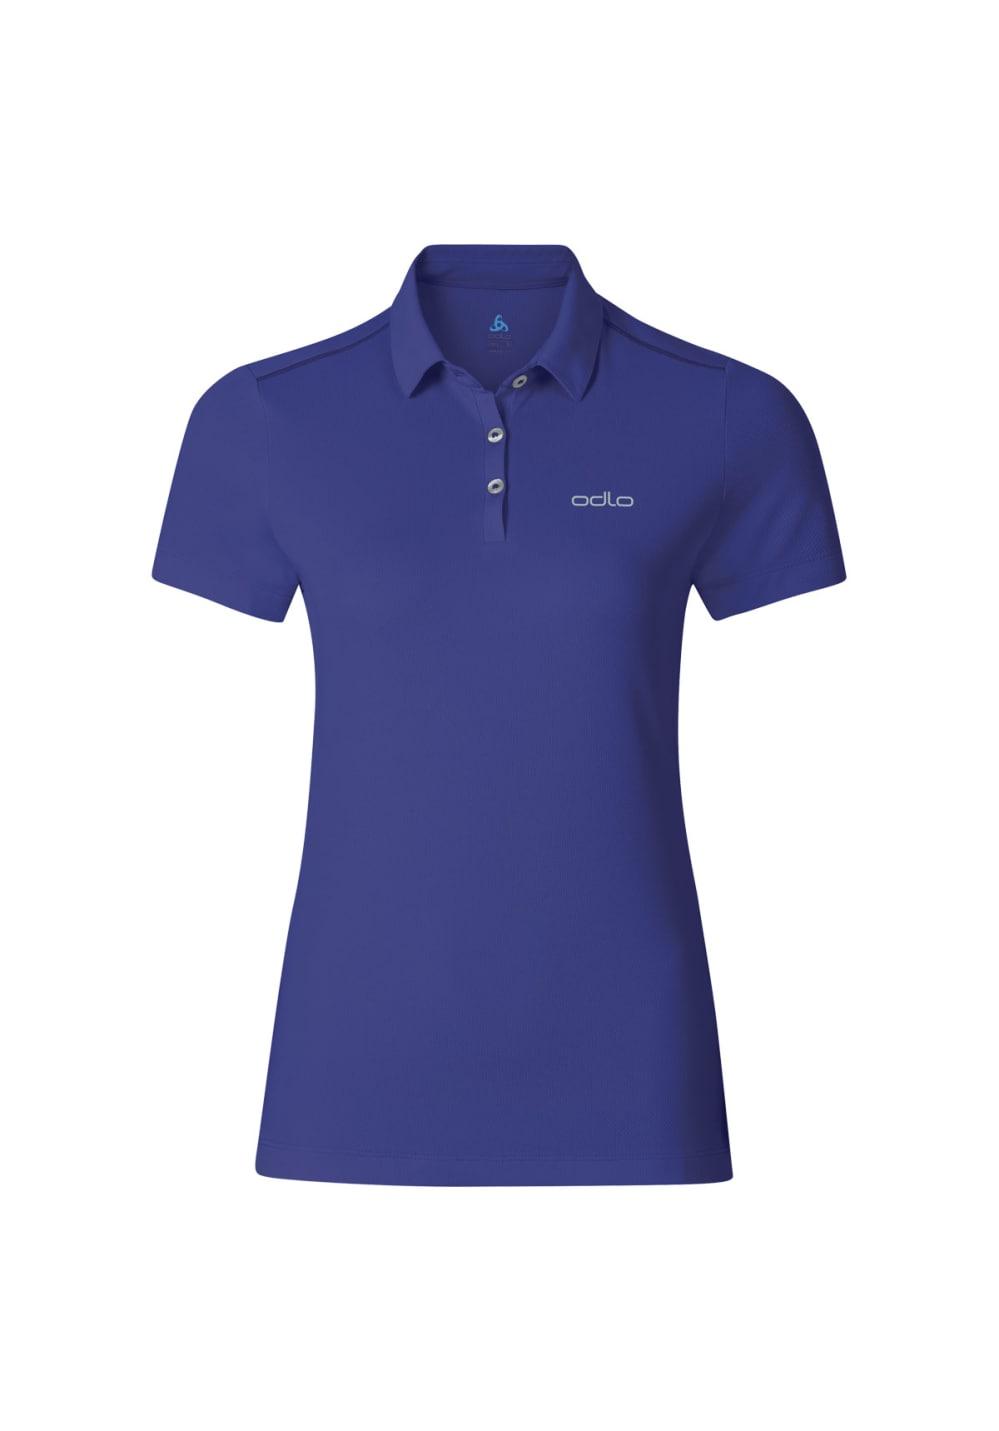 0f841d59a Odlo Polo Shirt Short Sleeve Tina - Running tops for Women - Blue ...